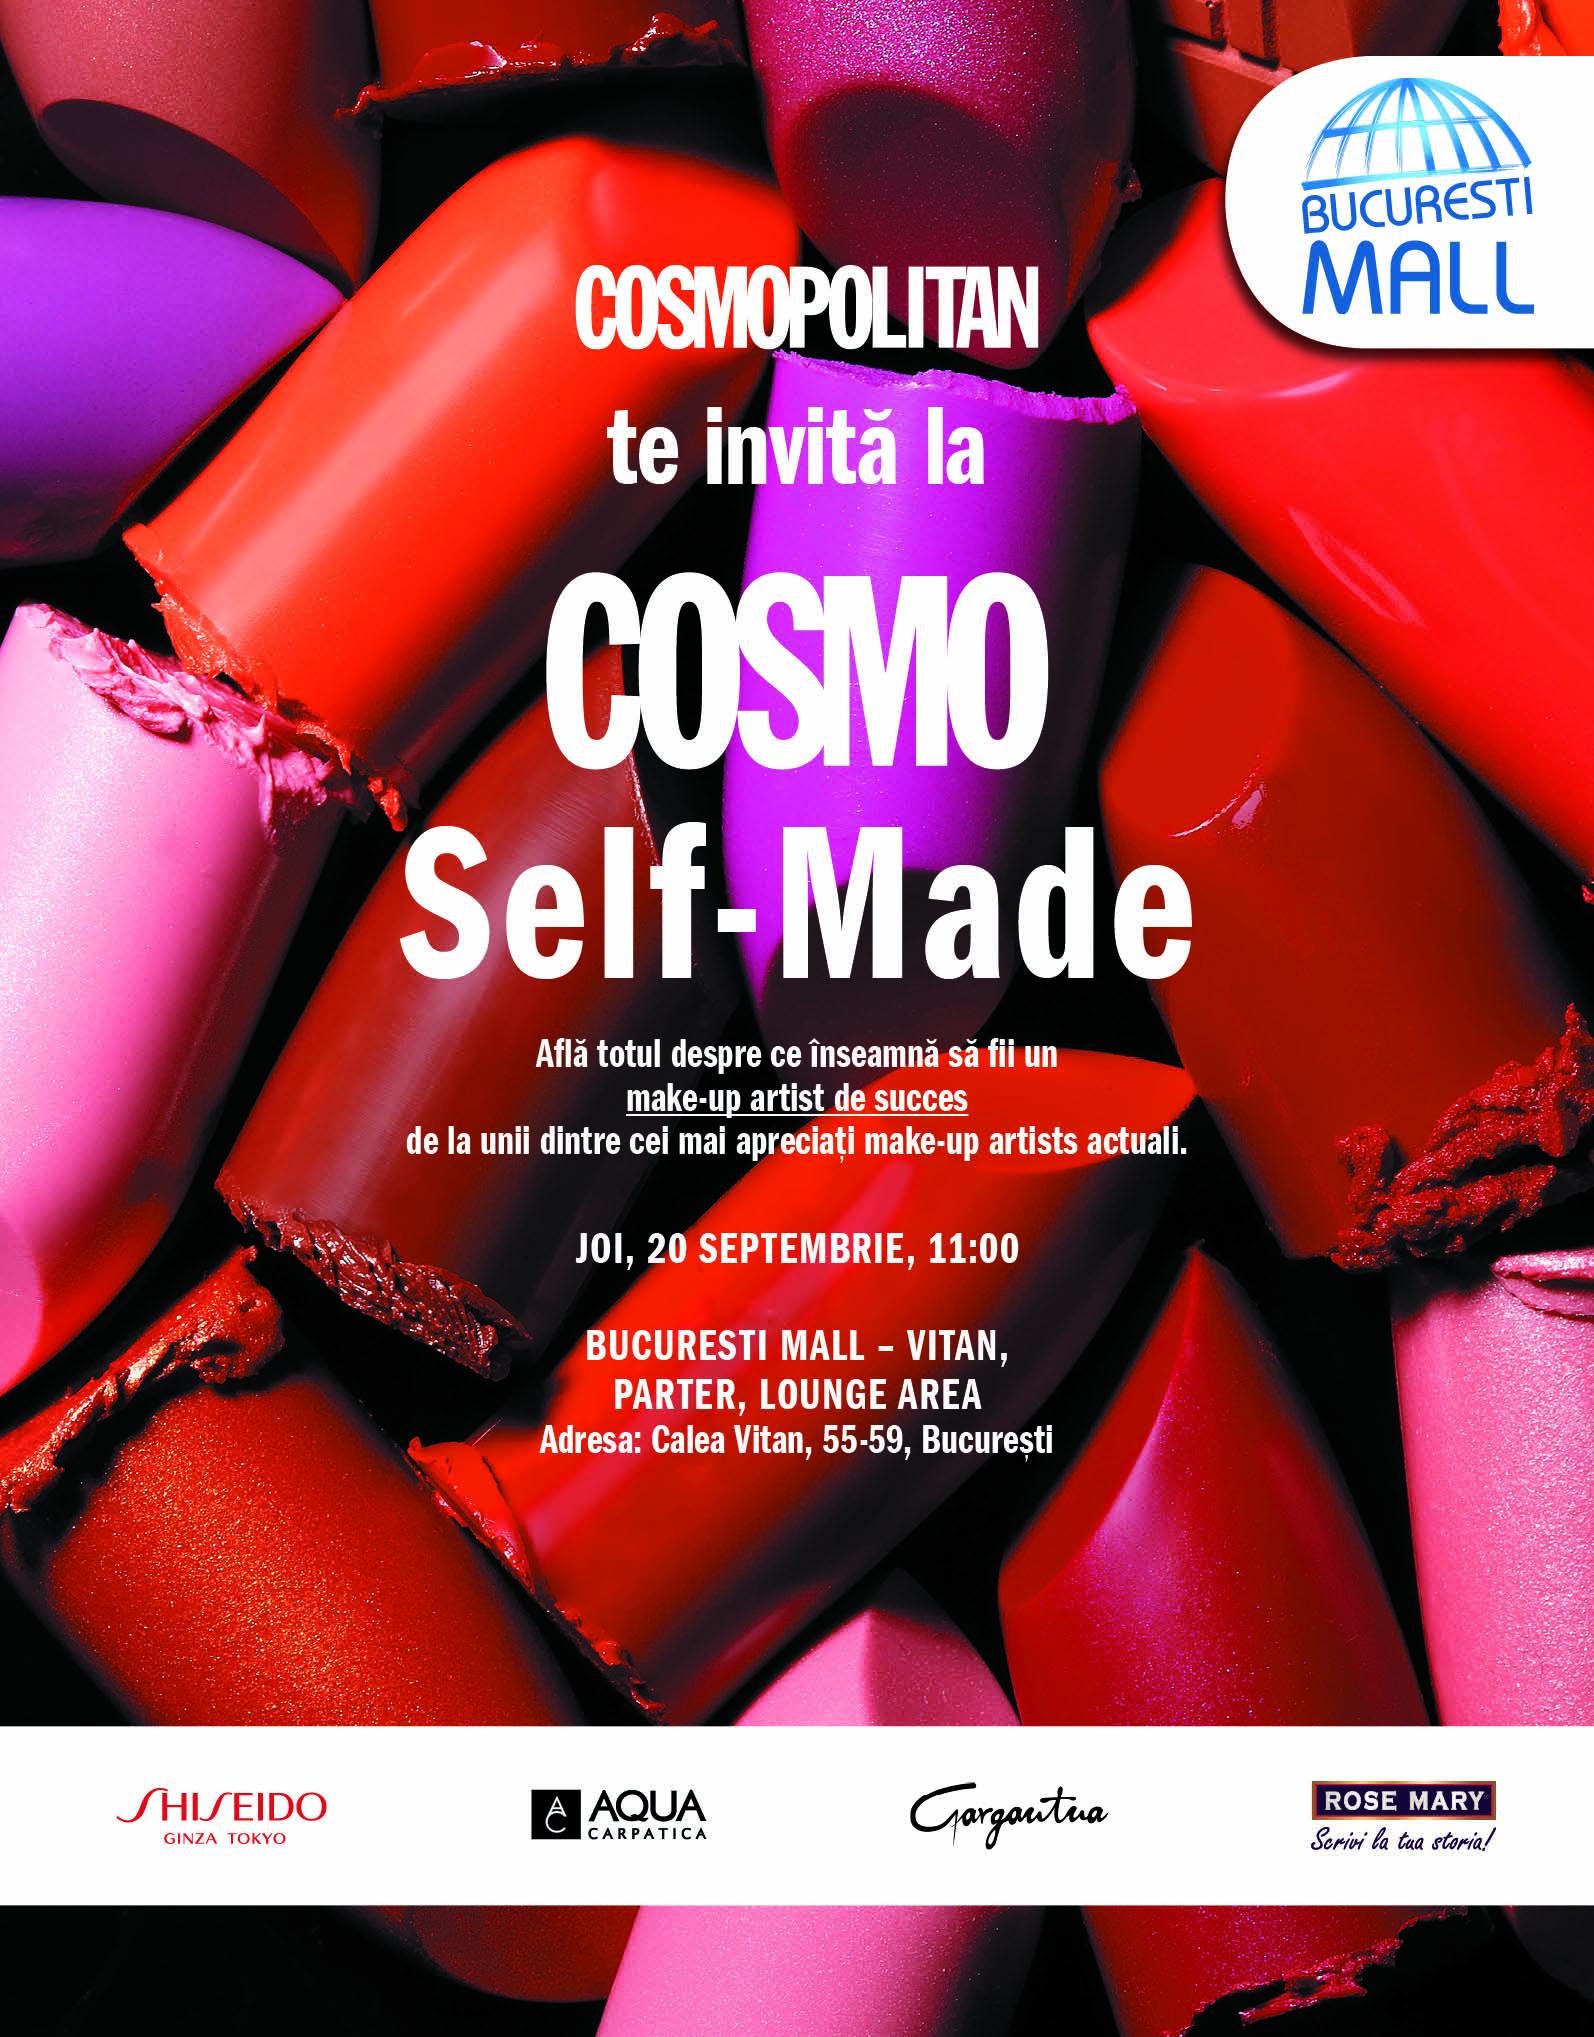 invitatie COSMO SELF MADE 3 FINAL